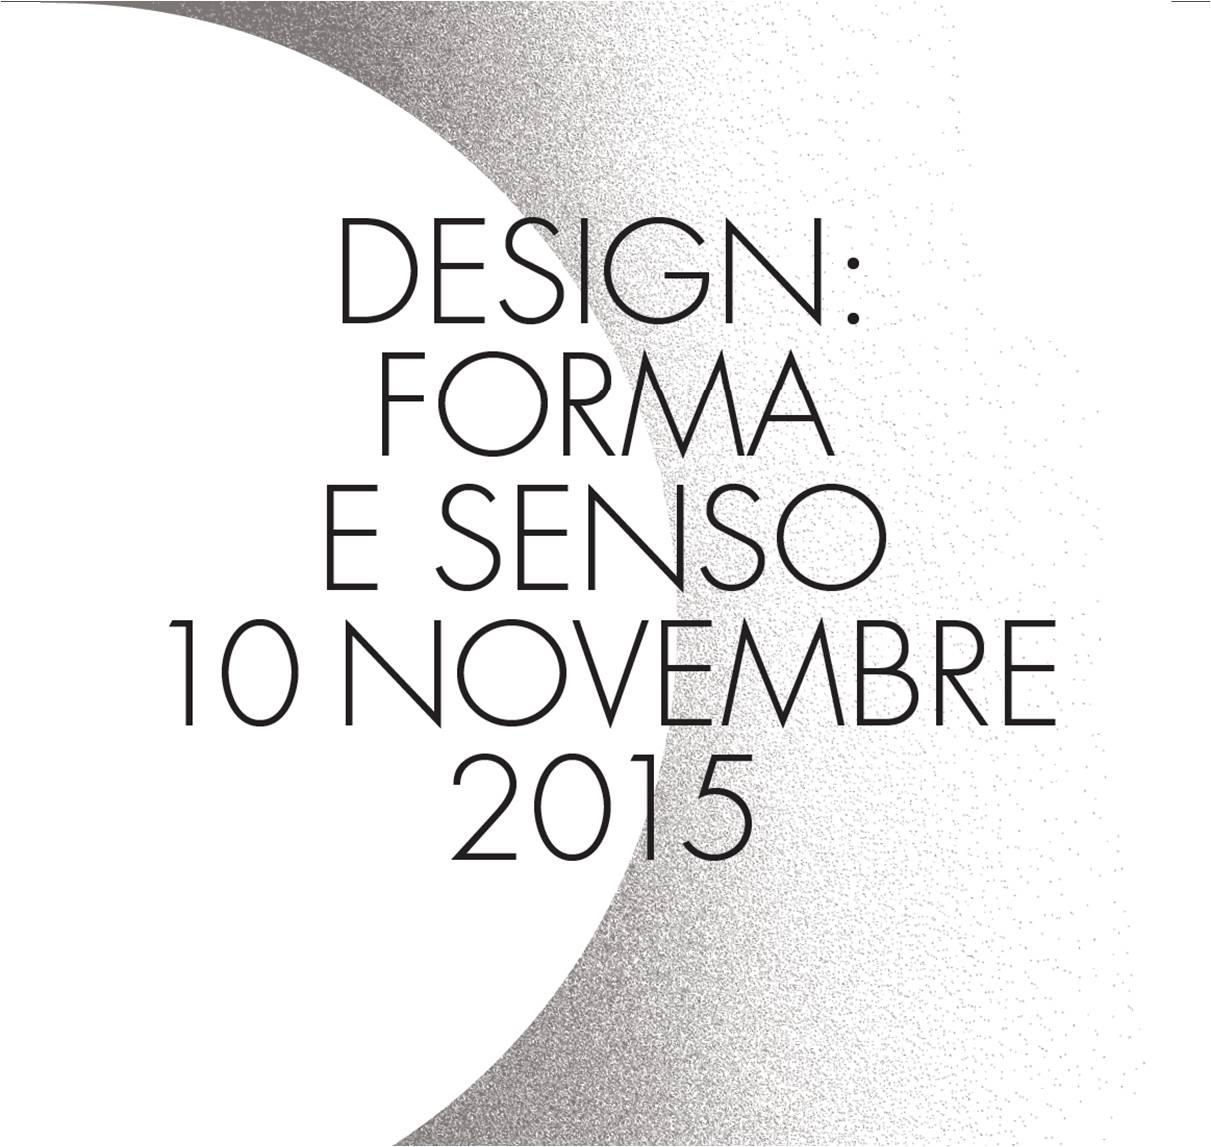 design forma e senso